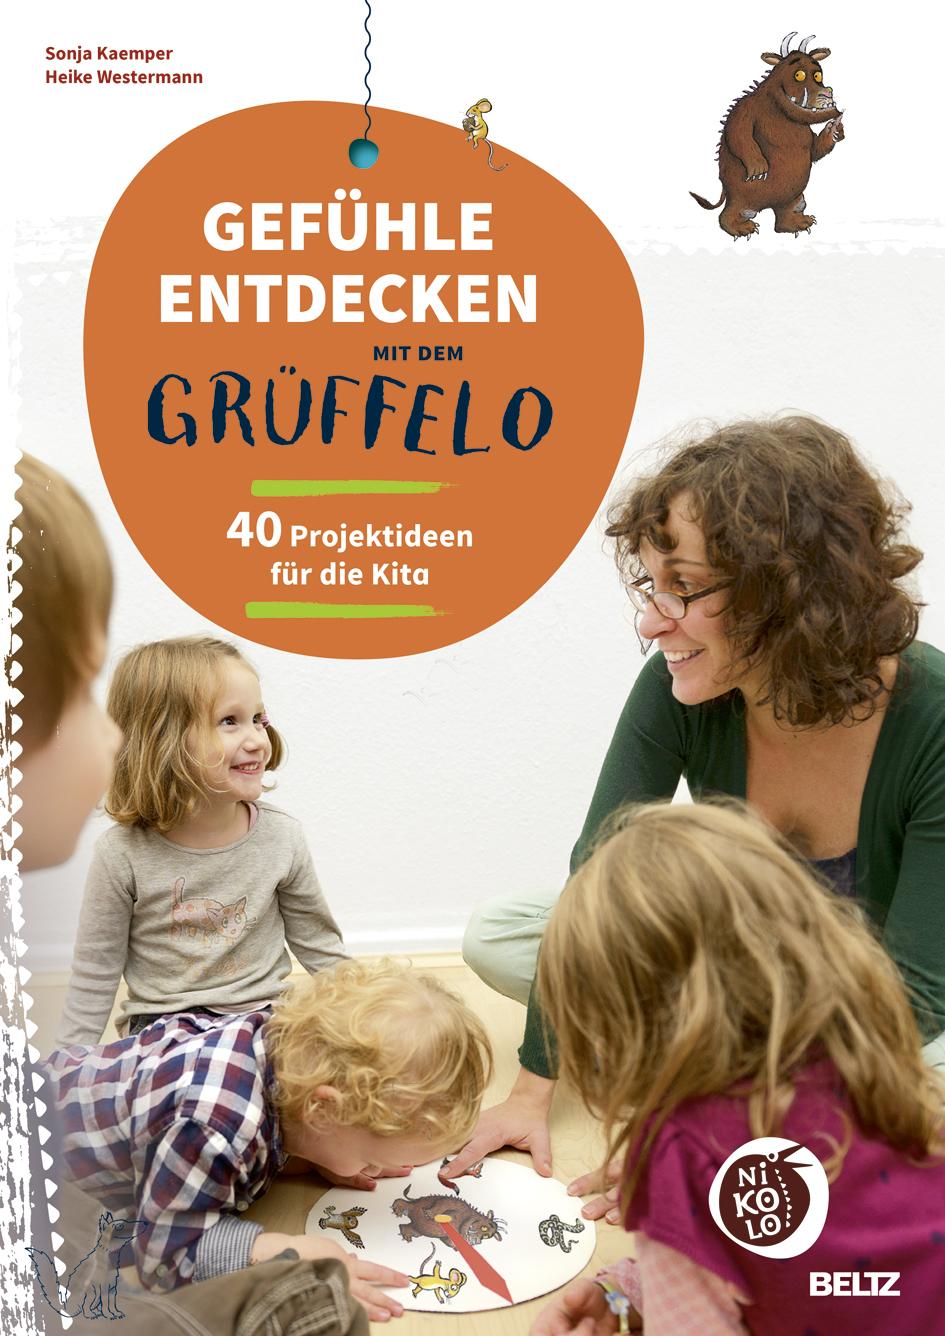 Gefuhle Entdecken Mit Dem Gruffelo 40 Projektideen Fur Die Kita